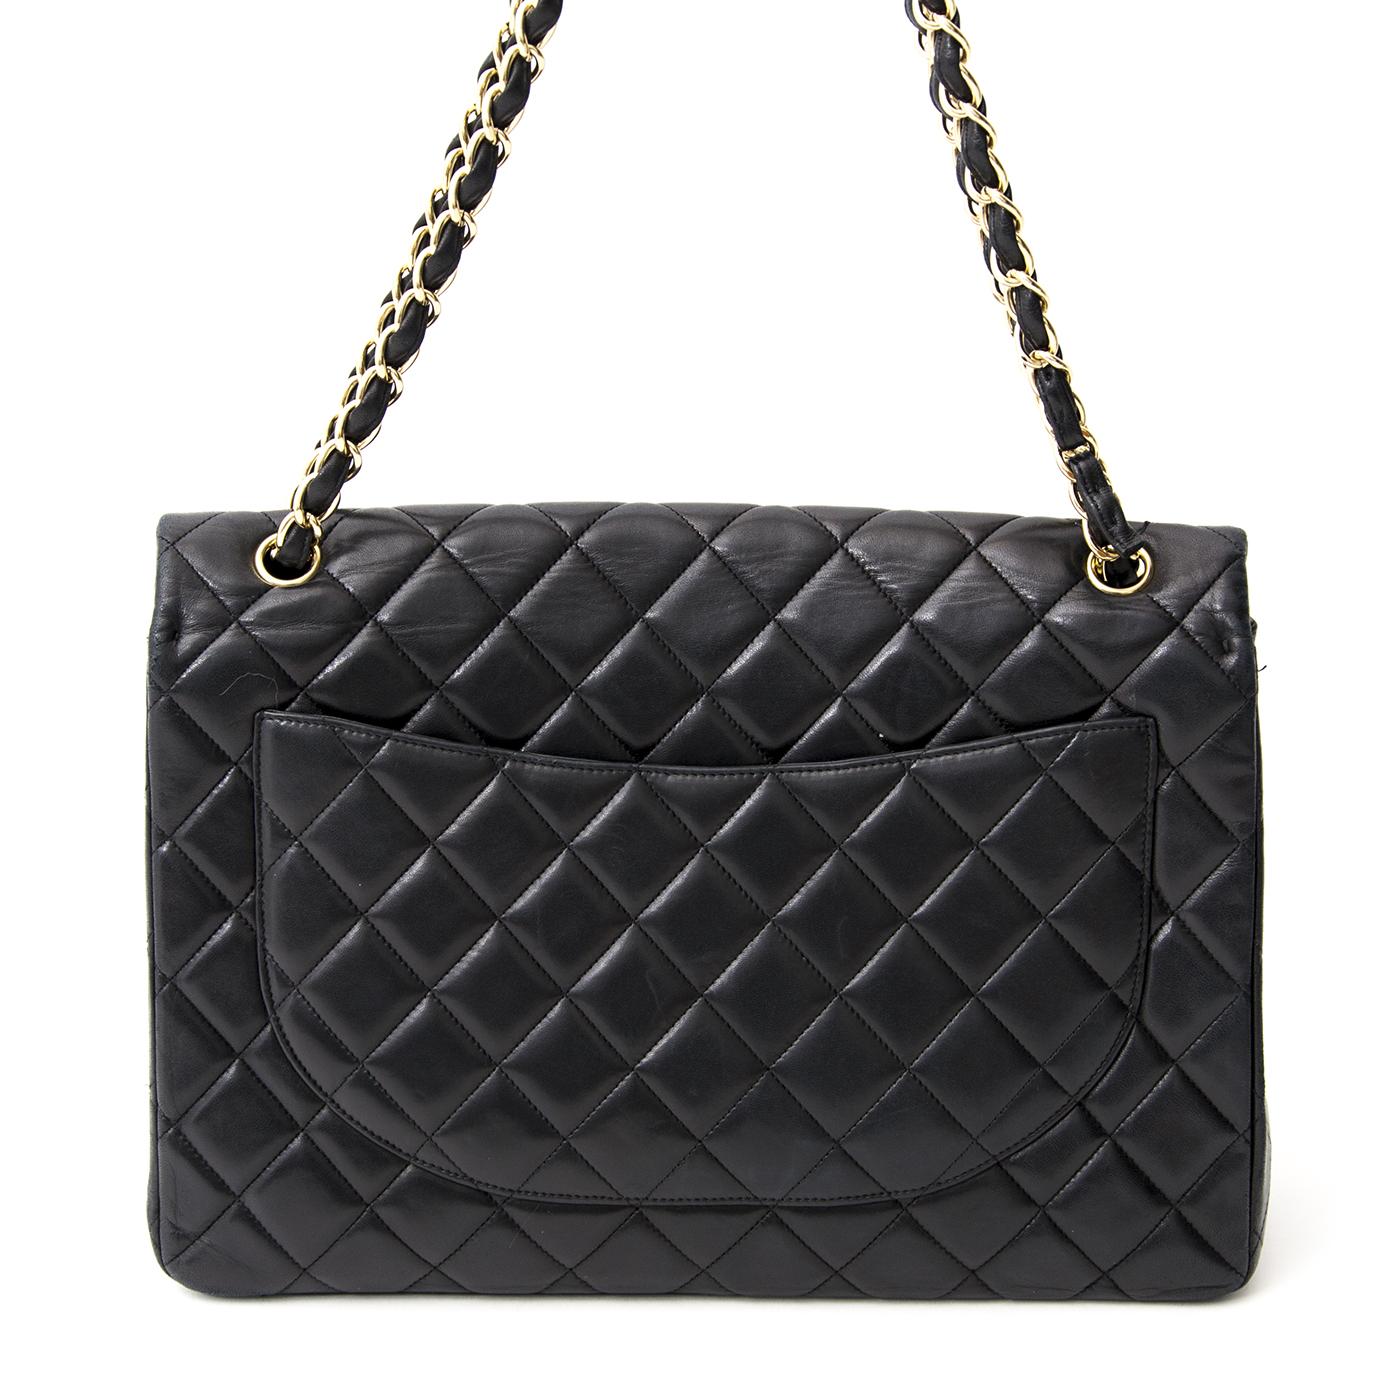 koop online aan de beste prijs Chanel Black Lambskin Jumbo Single Flap Bag 100% authentiek luxe handtassen, antwerpen